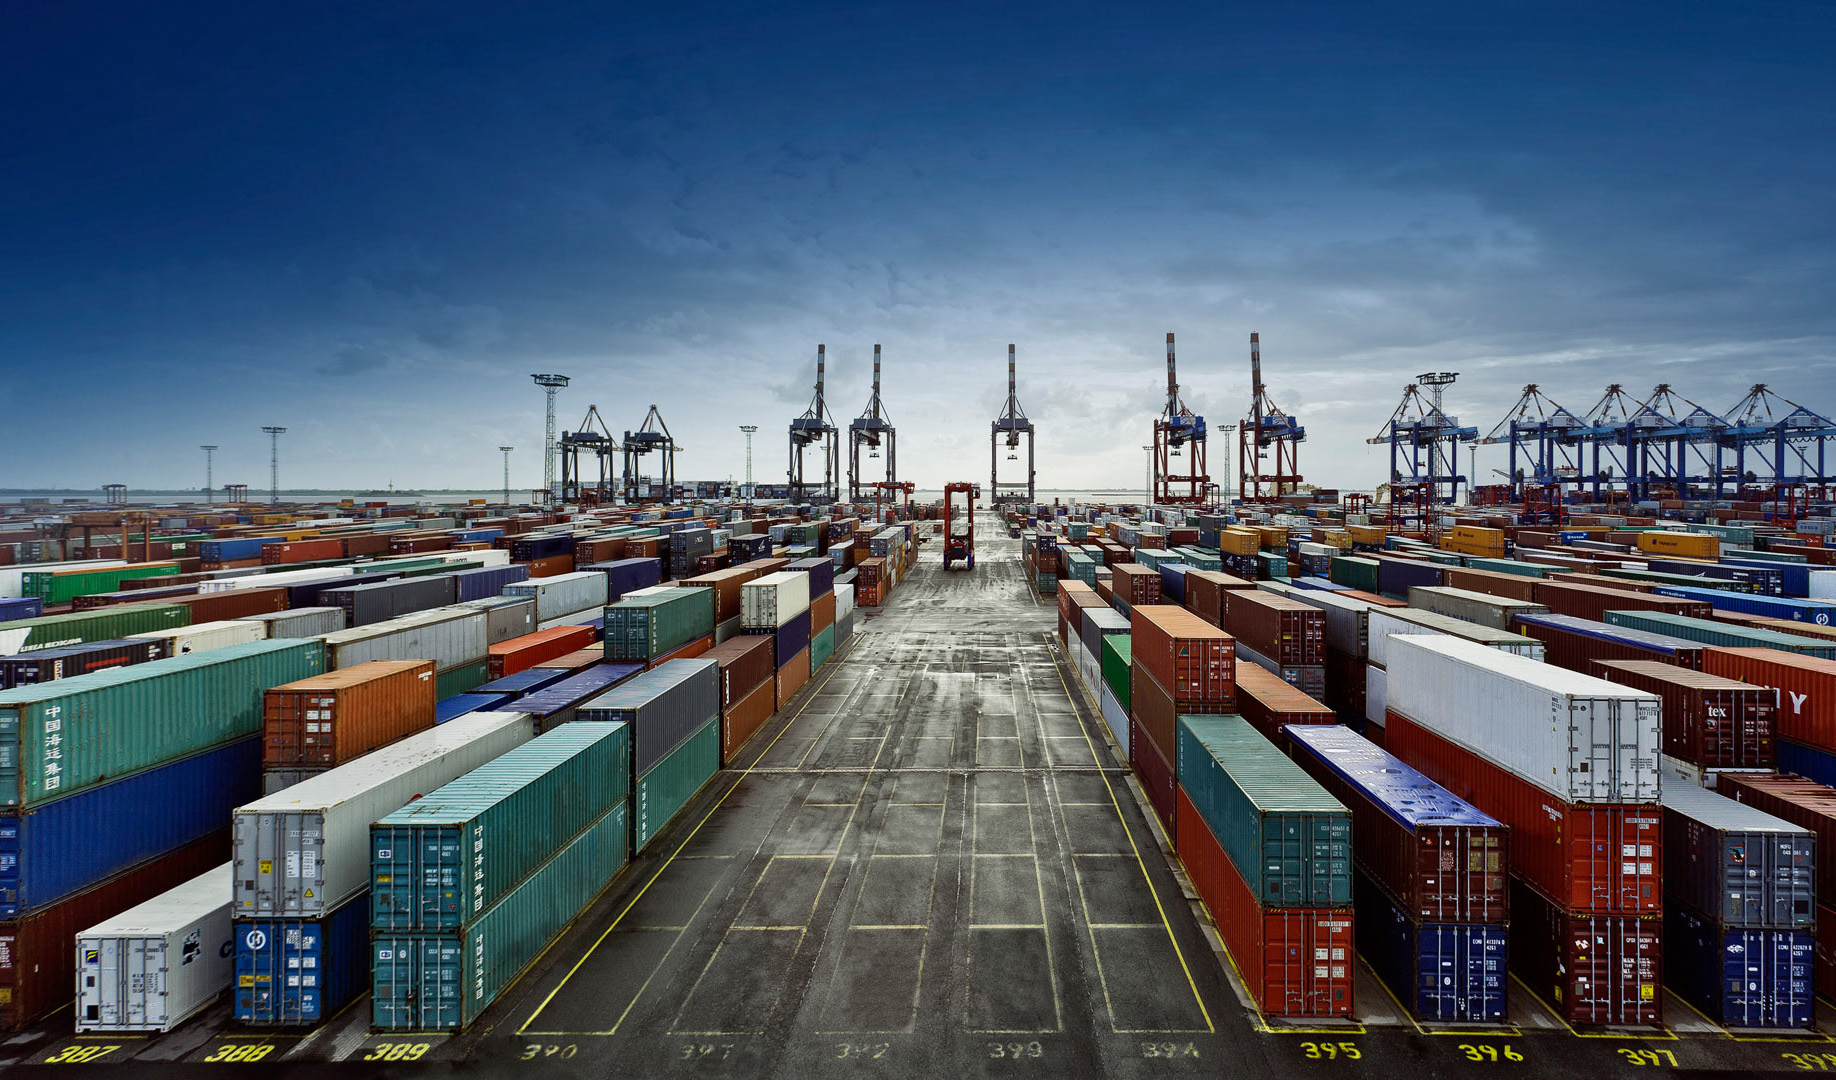 واردات کالاهای اساسی به ۱۱ میلیارد دلار رسید